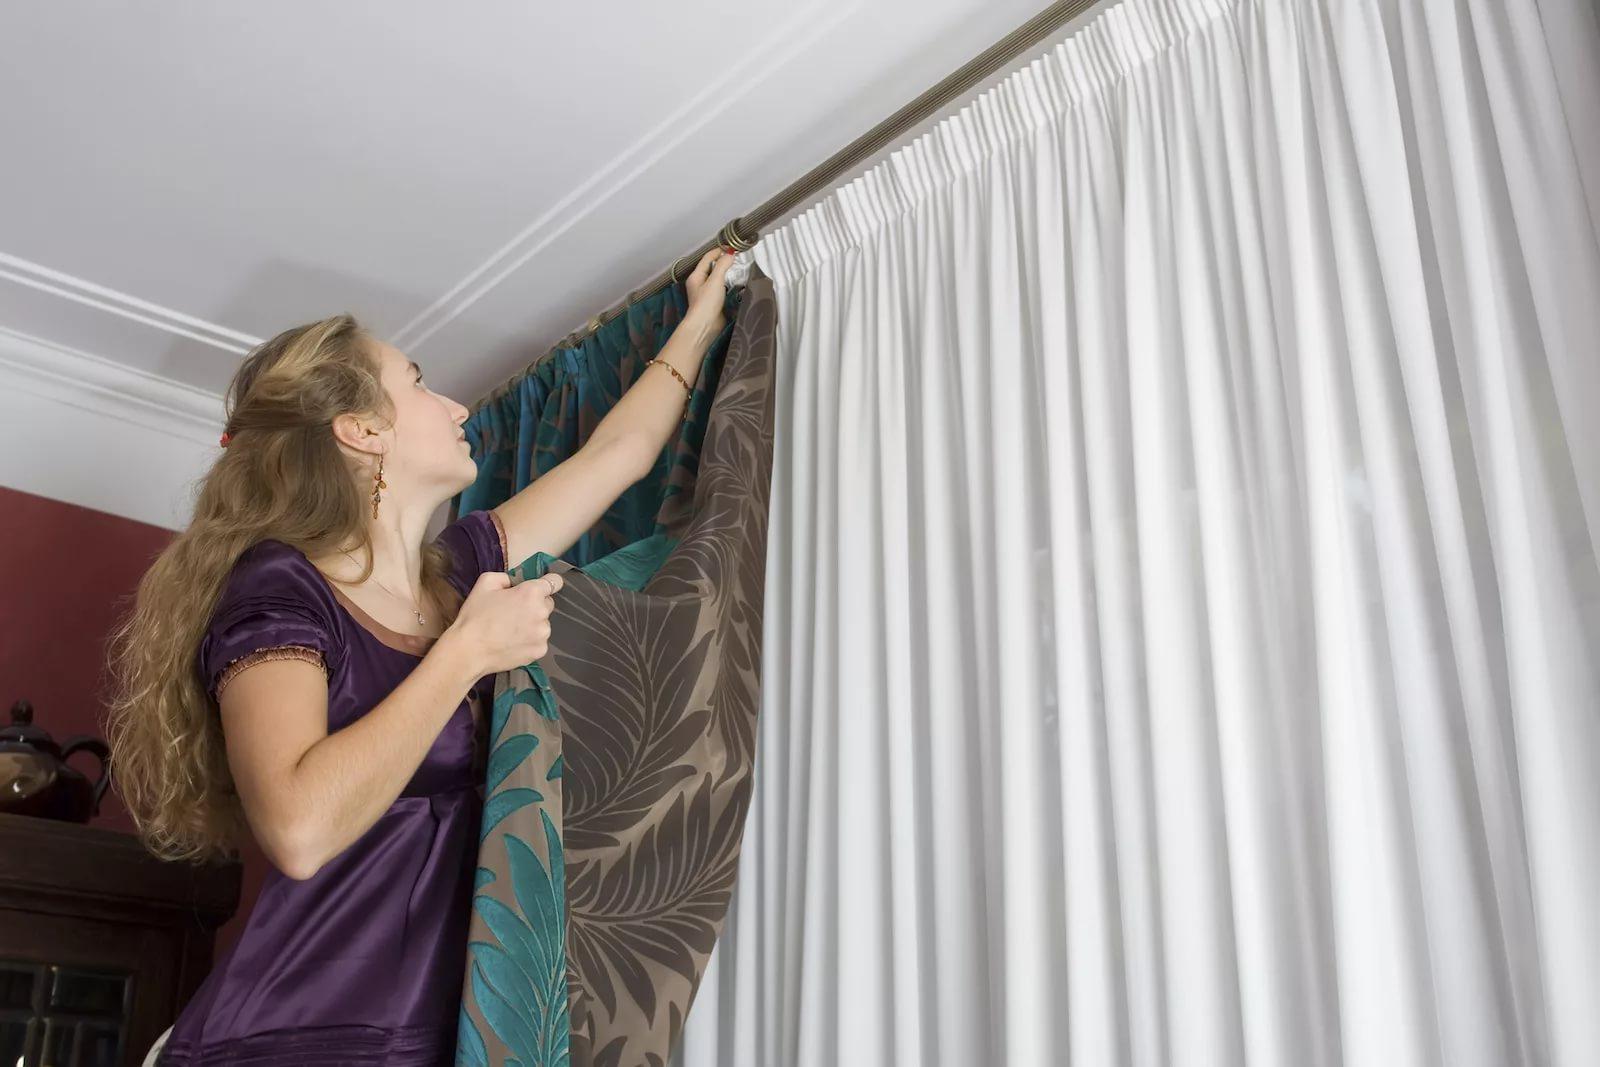 Петли на шторах: как сделать своими руками, из ниток, лента, липучками, мастер-класс, фото, видео